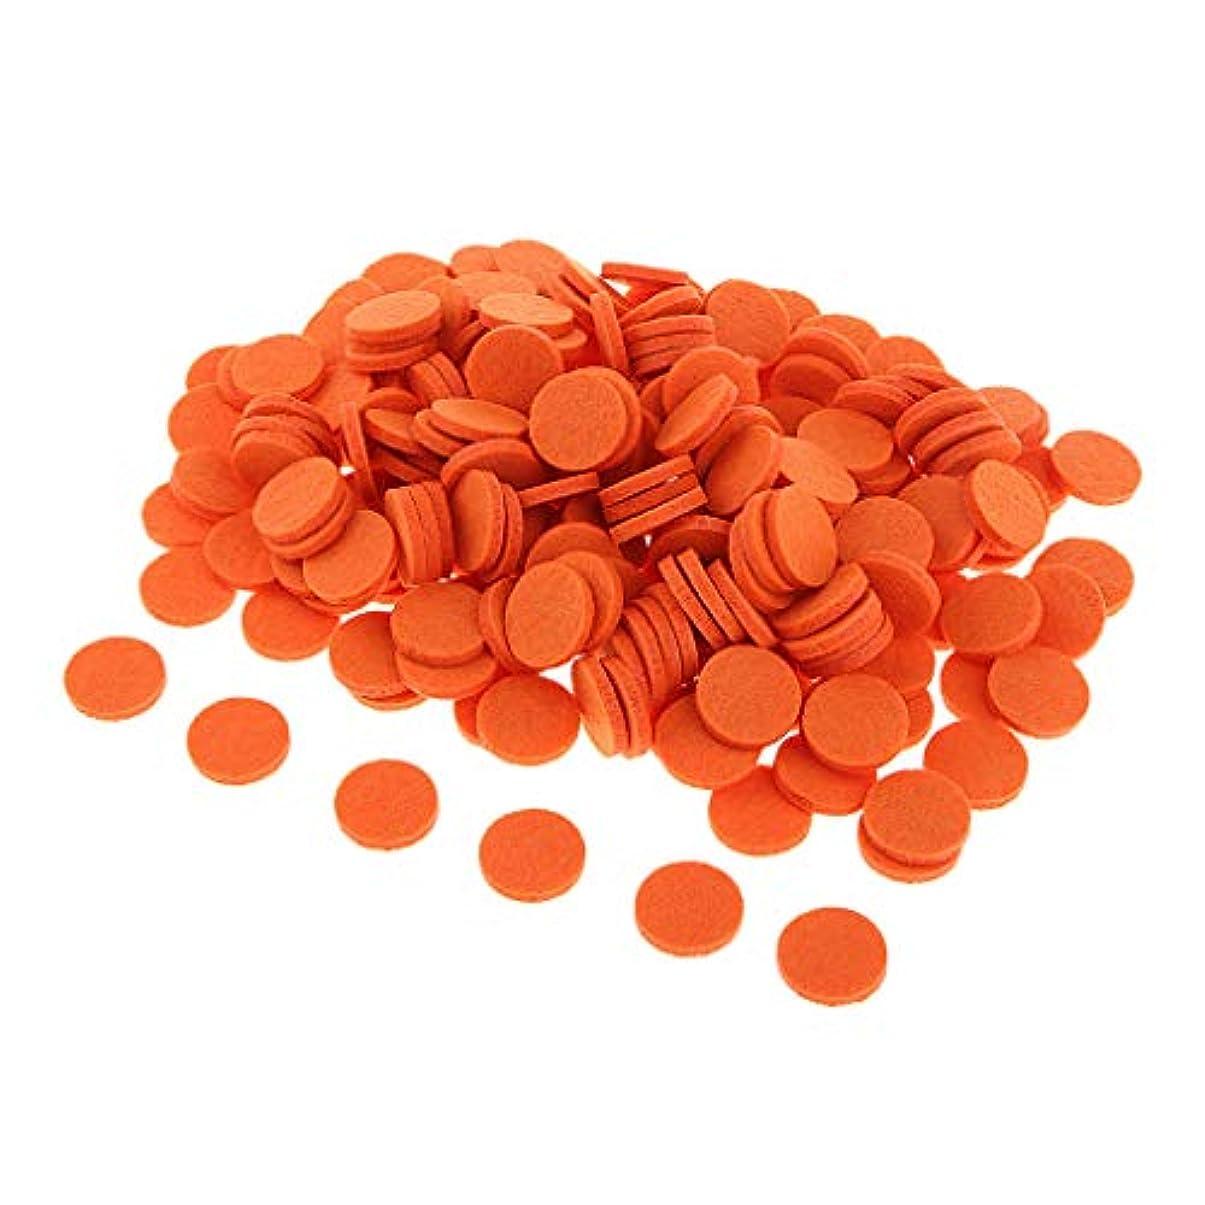 昆虫を見る帆義務づけるディフューザー パッド アロマパッド エッセンシャルオイル 洗える 約200個入り 全11色 - オレンジ